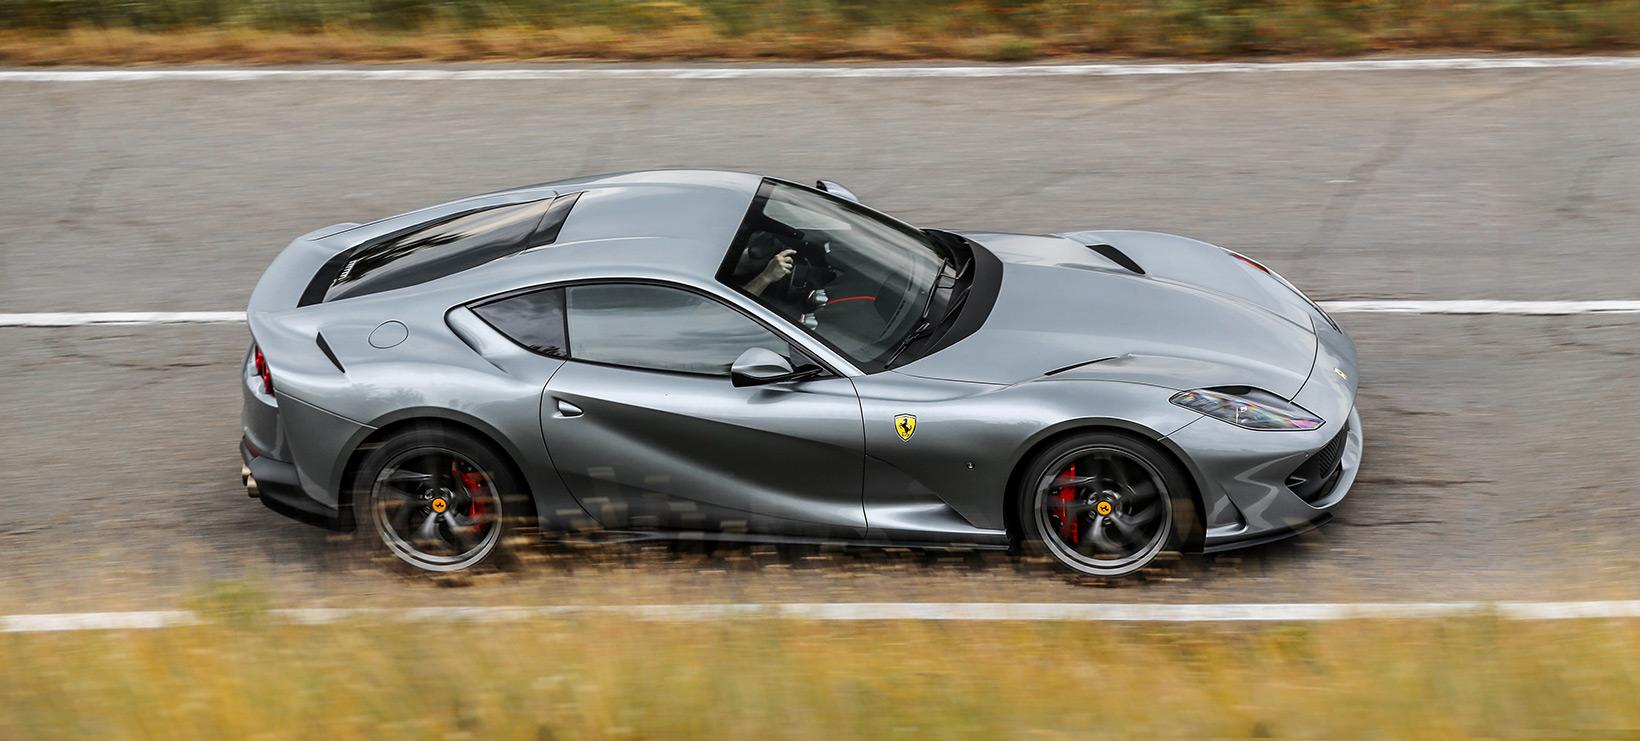 Ferrari 812 Superfast Inconel Exhaust System